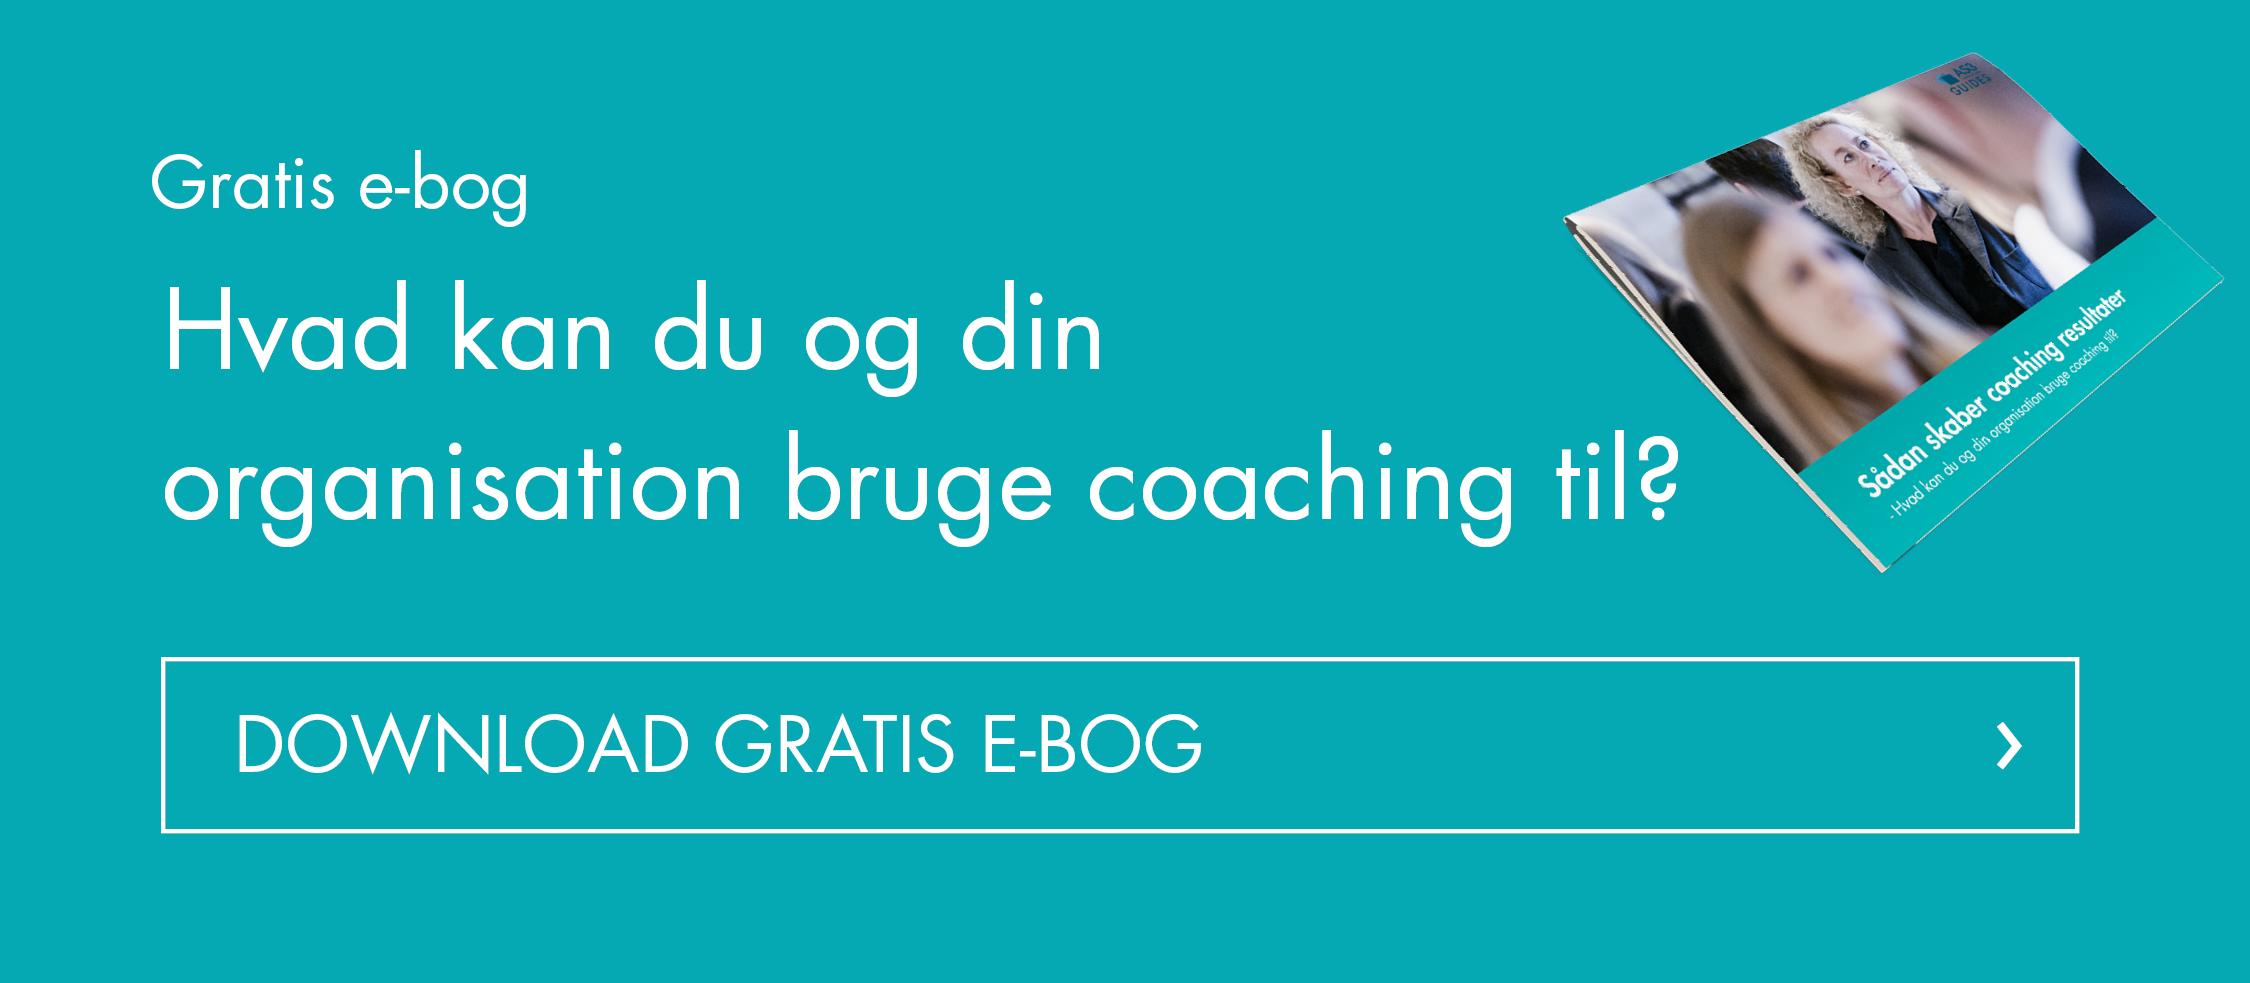 e-bog om coaching